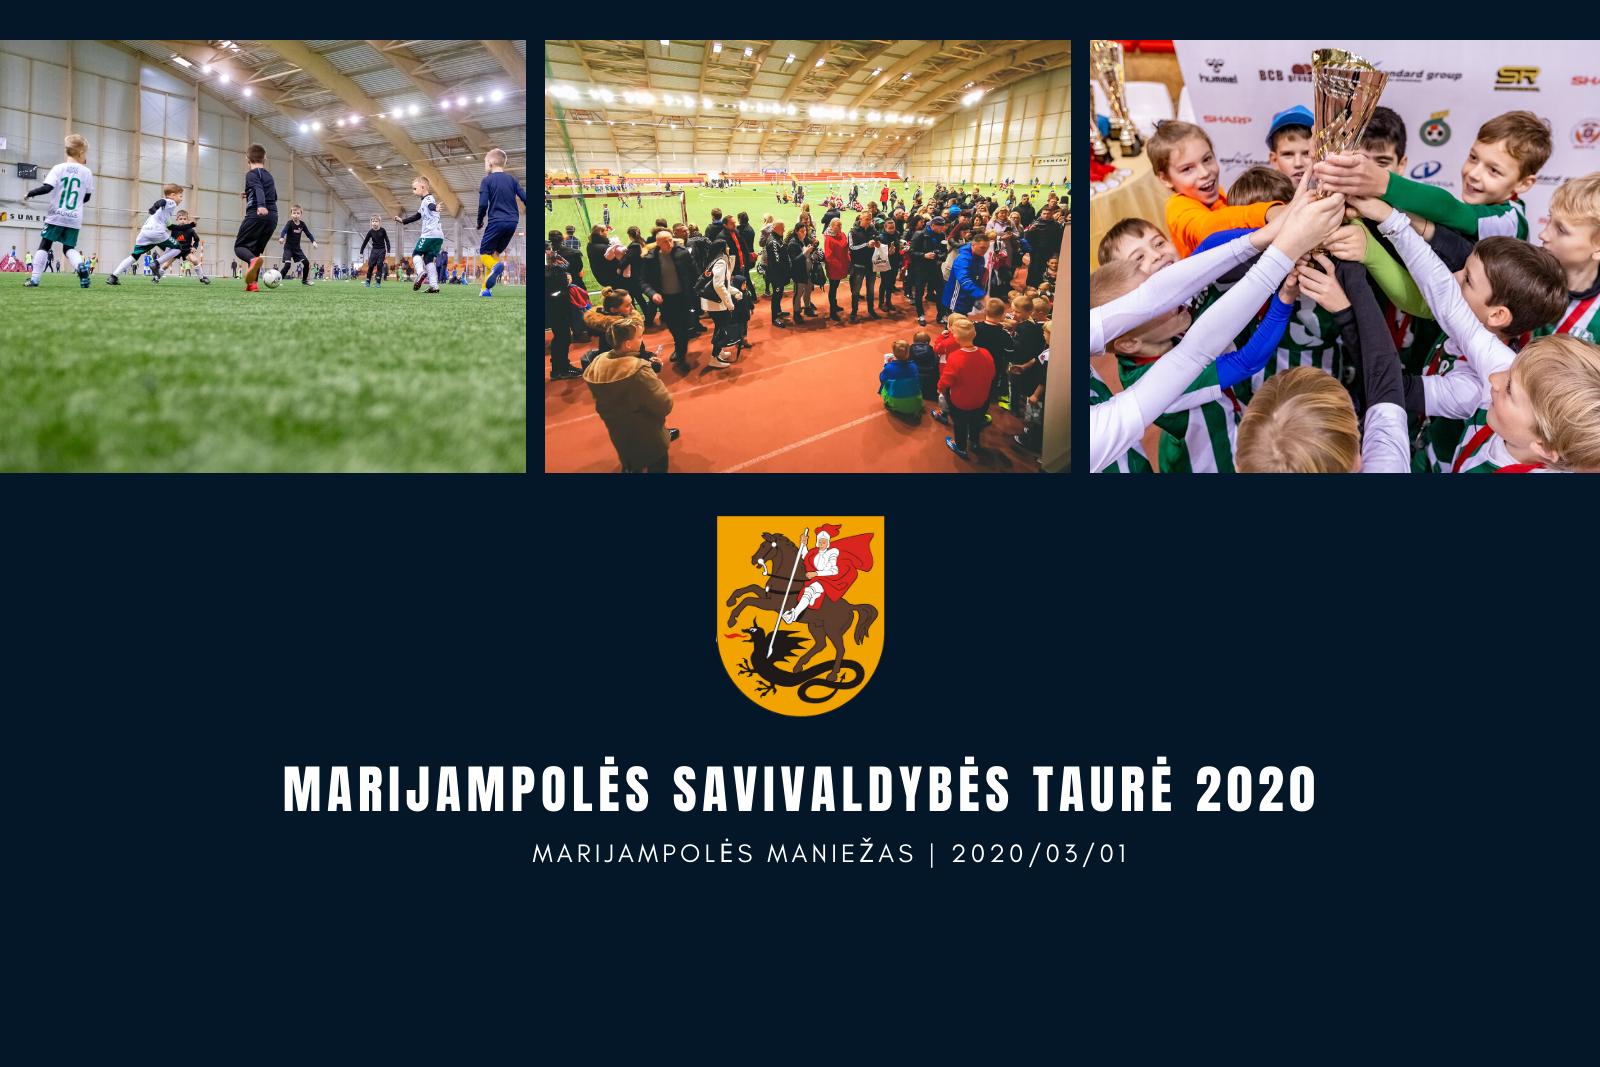 Futbolo sostine tituluojama Marijampolė kviečia talentus